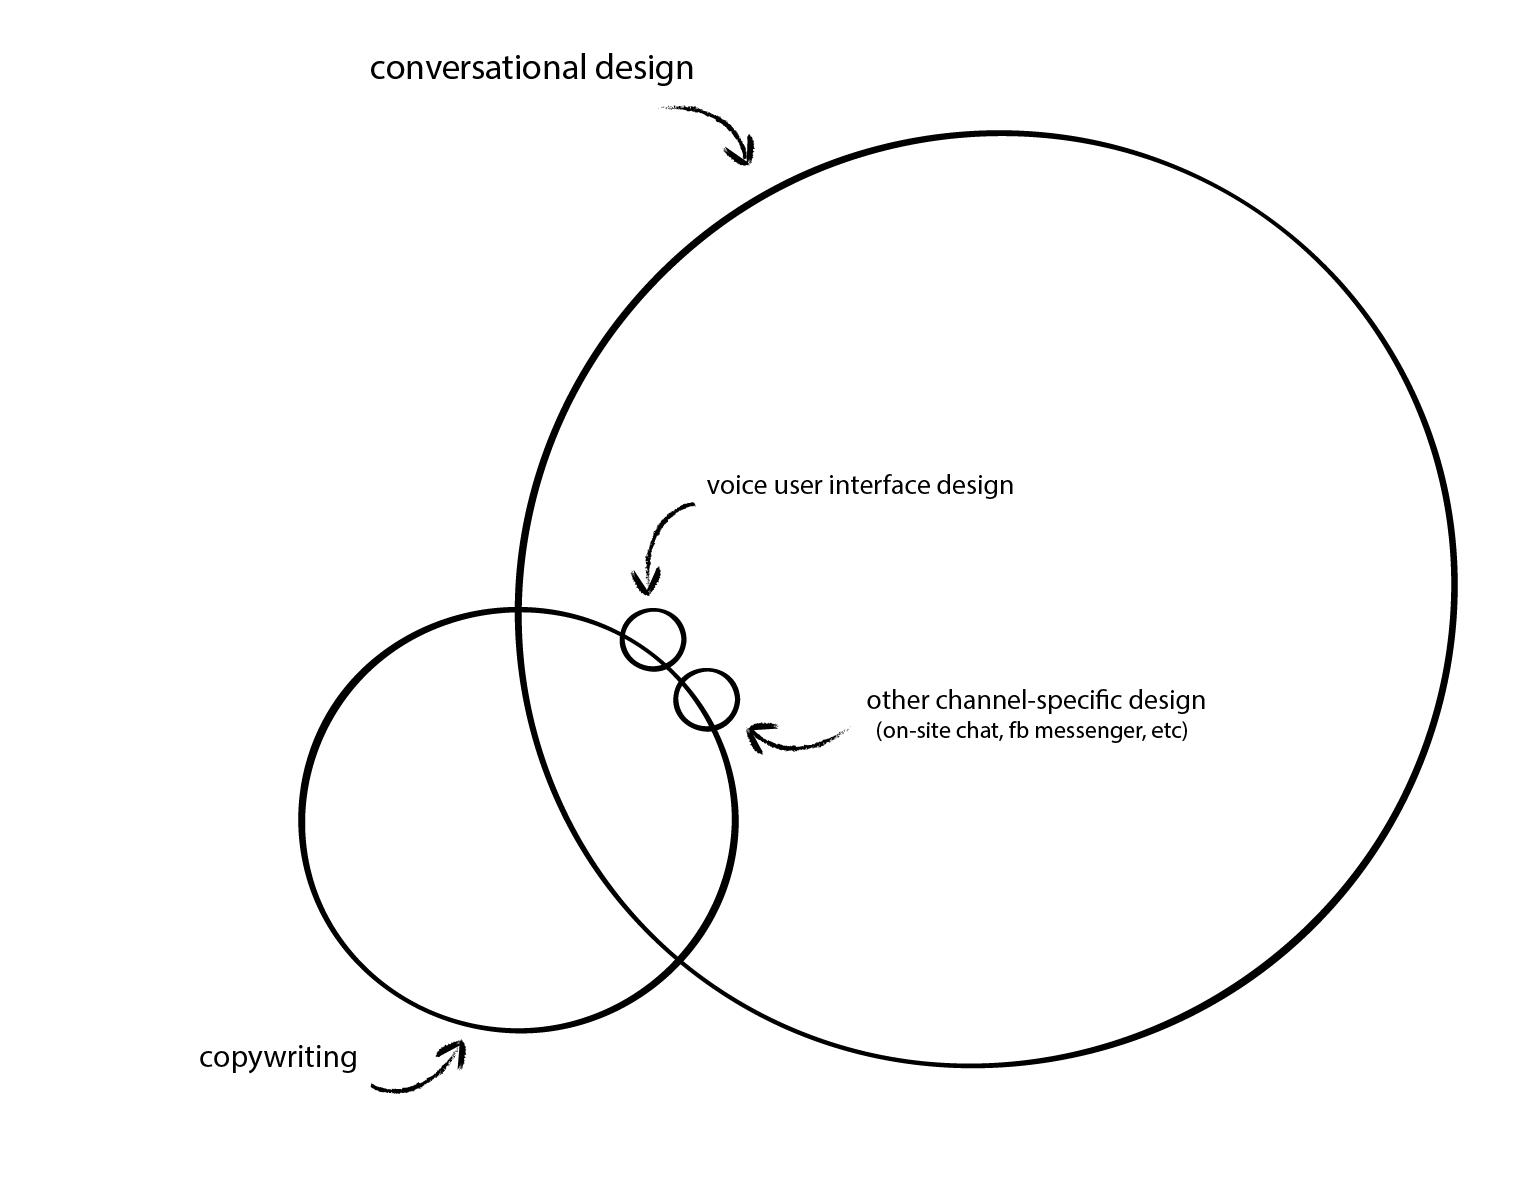 Conversational design diagram